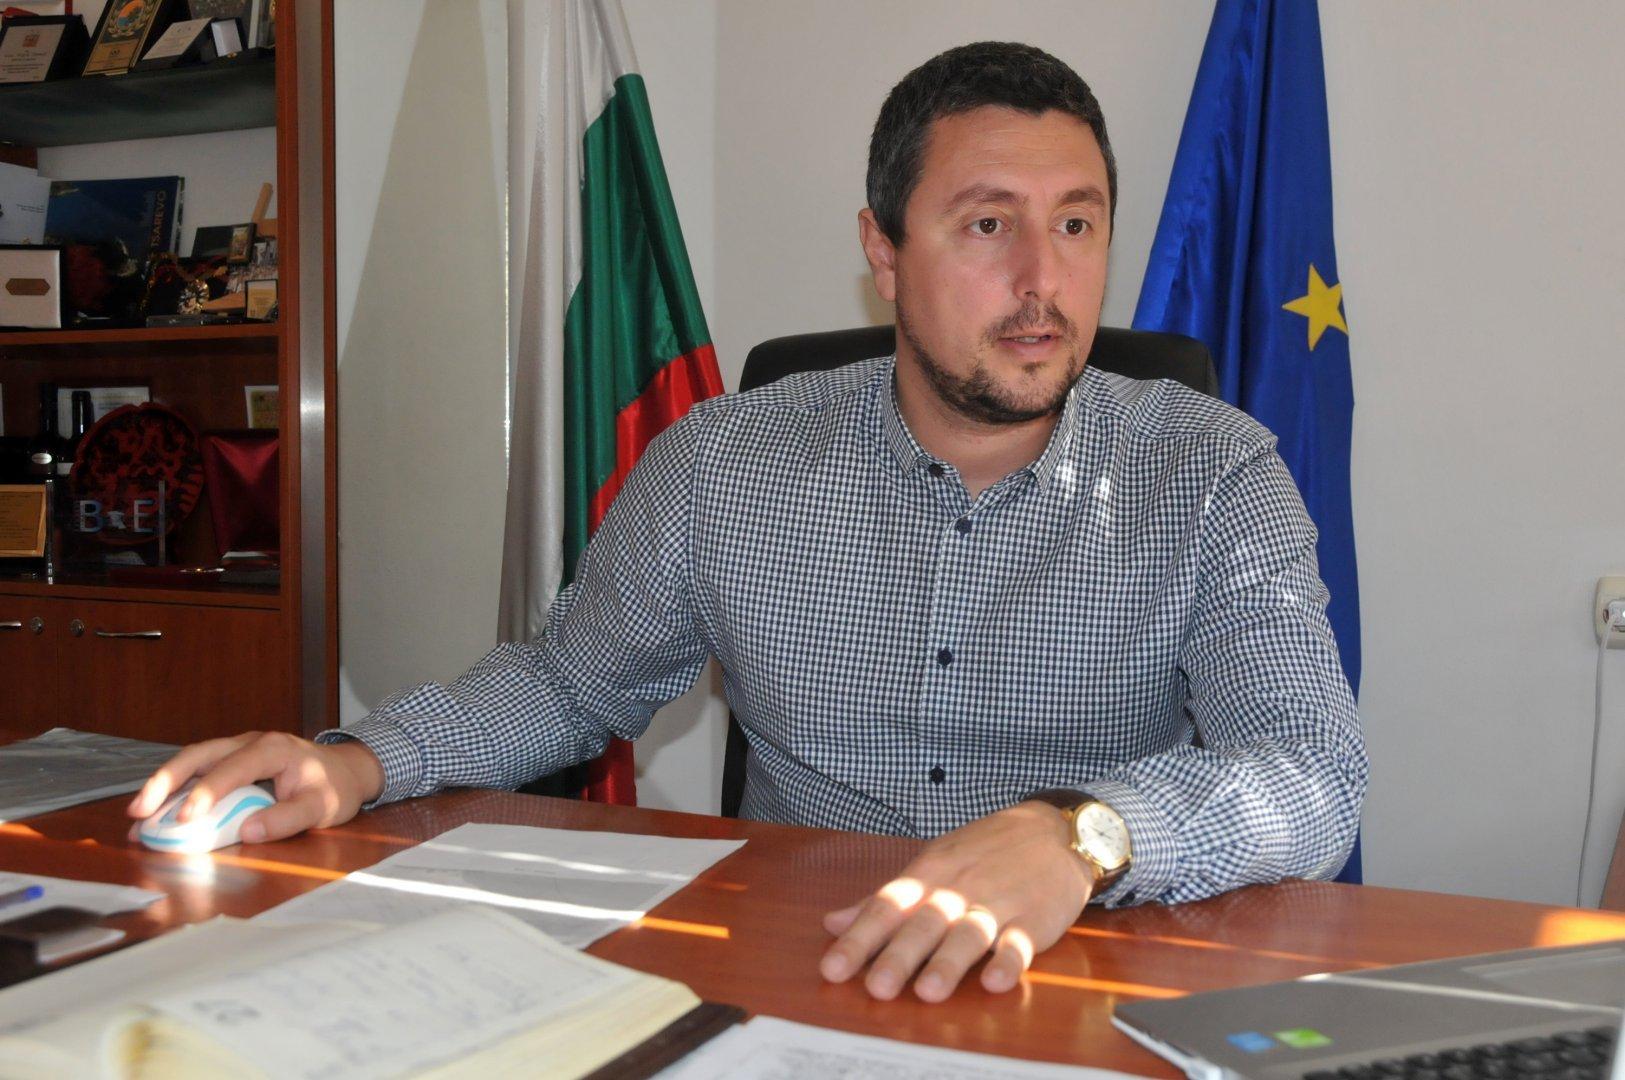 Все още нямам отговор от министъра във връзка с моето писмо, каза кметът на Царево Георги Лапчев. Снимка Архив Черноморие-БГ